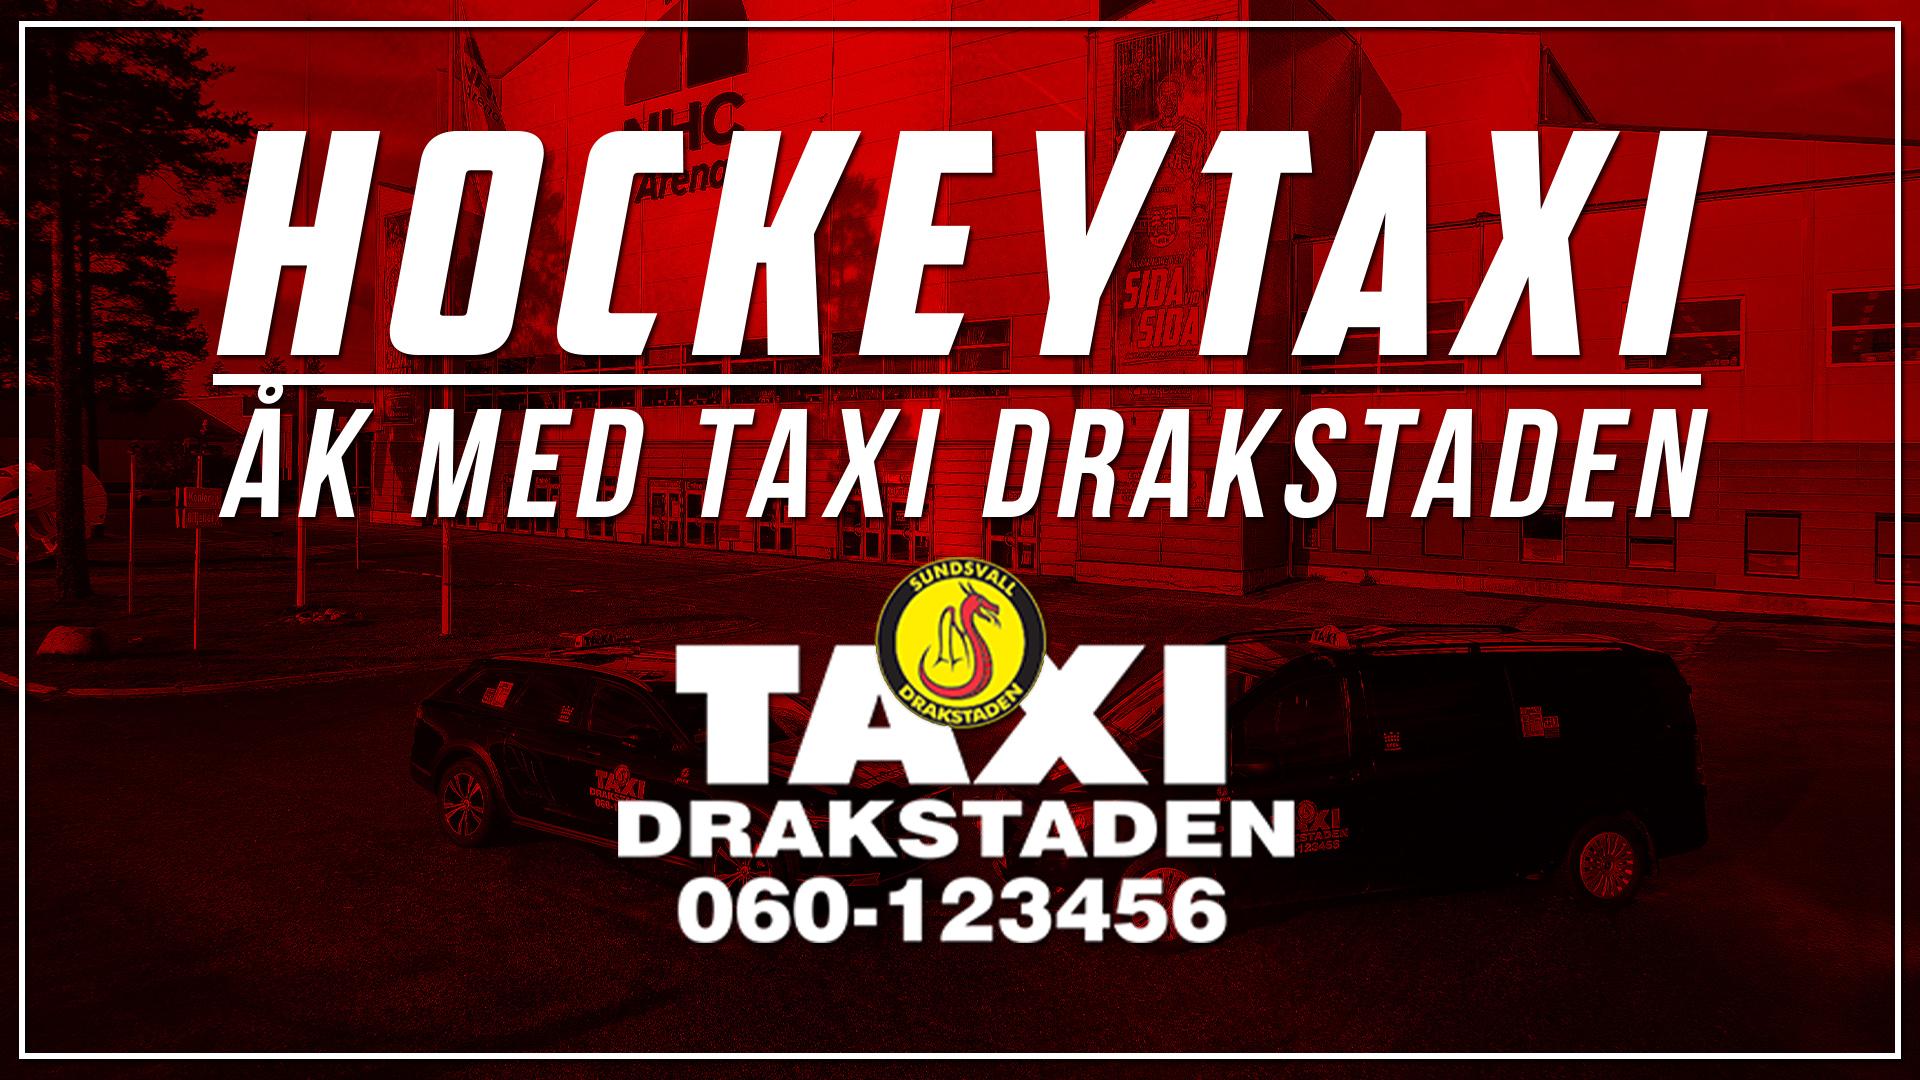 Hockeytaxi